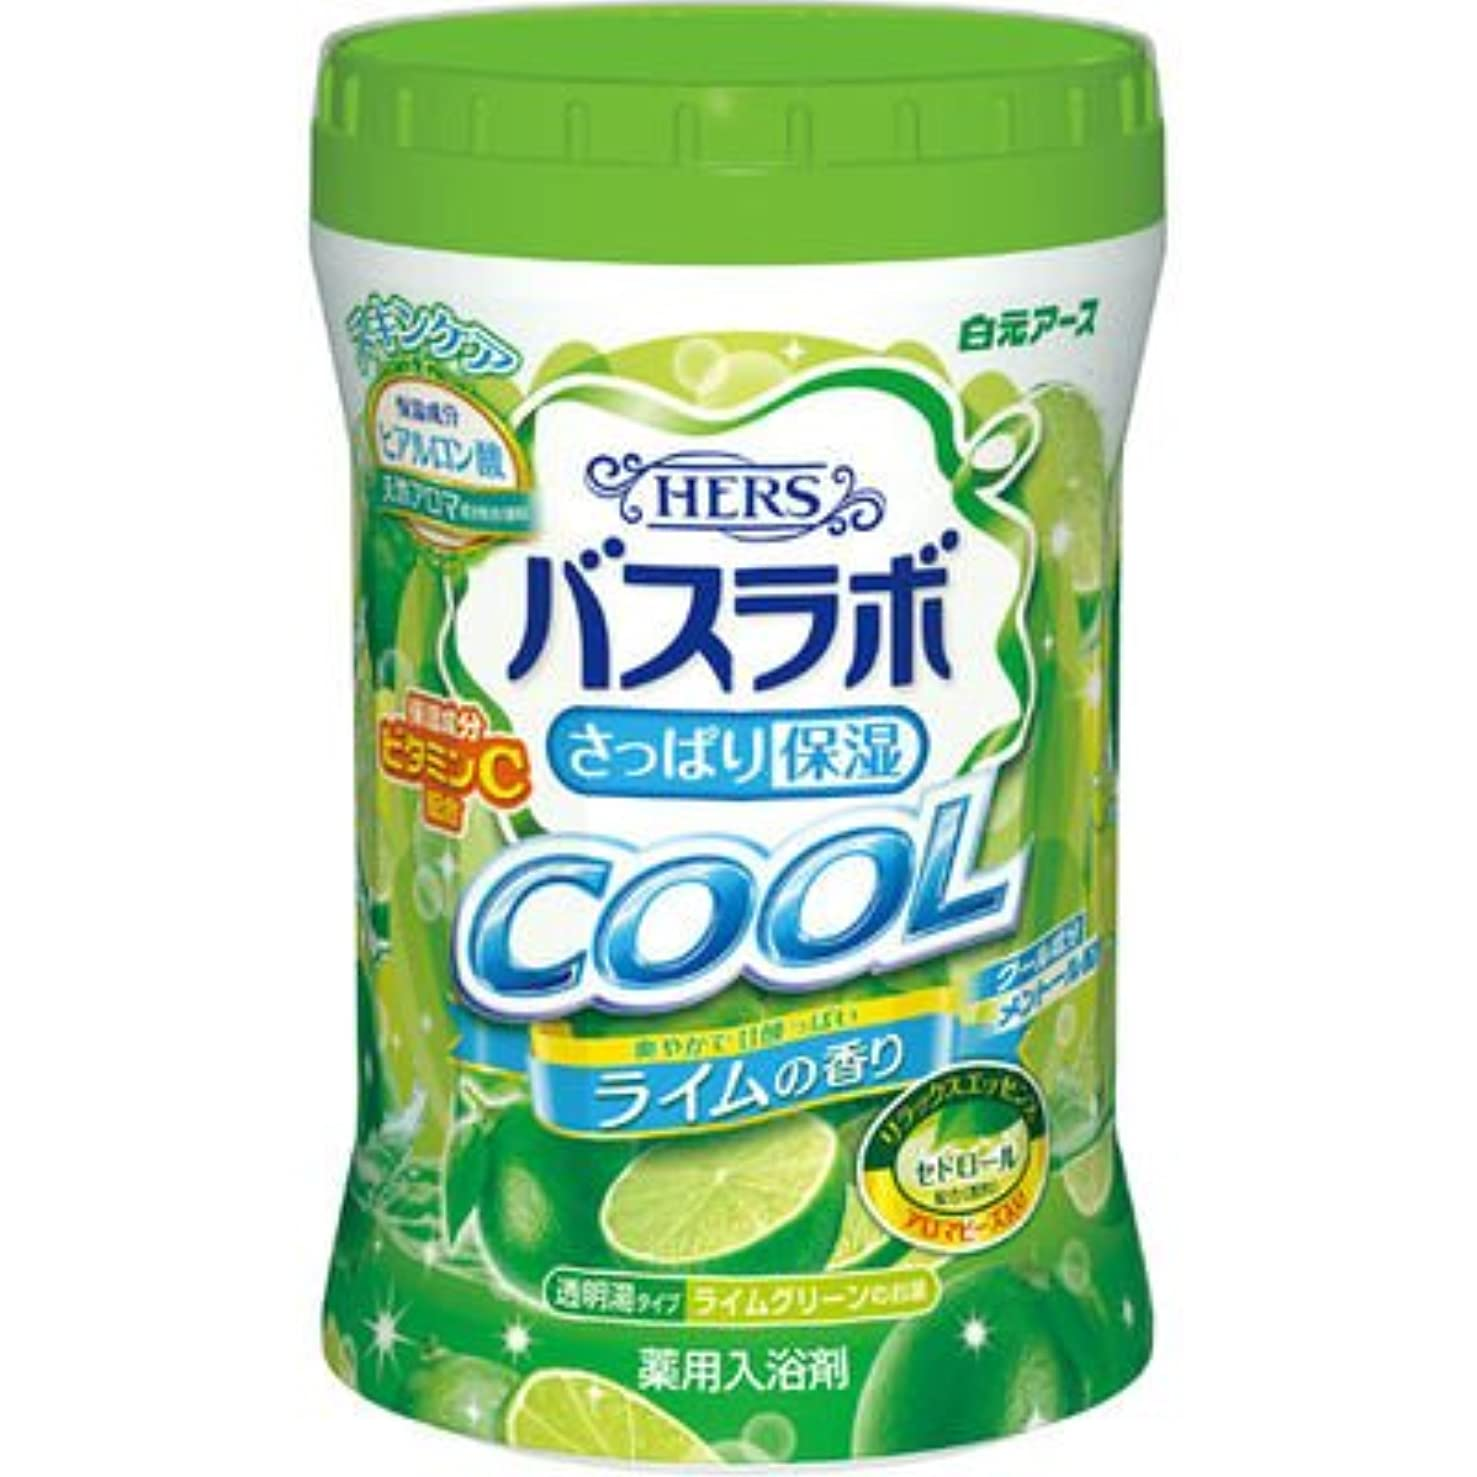 ハグダーリン検索エンジンマーケティング白元アース HERSバスラボ さっぱり保湿 COOL ライムの香り 640g E537344H